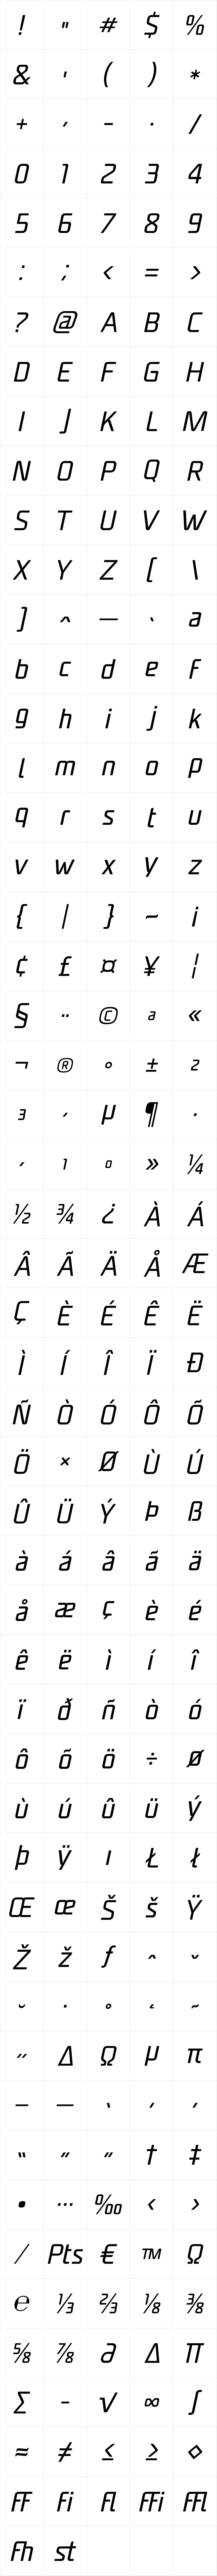 Unicod Italic